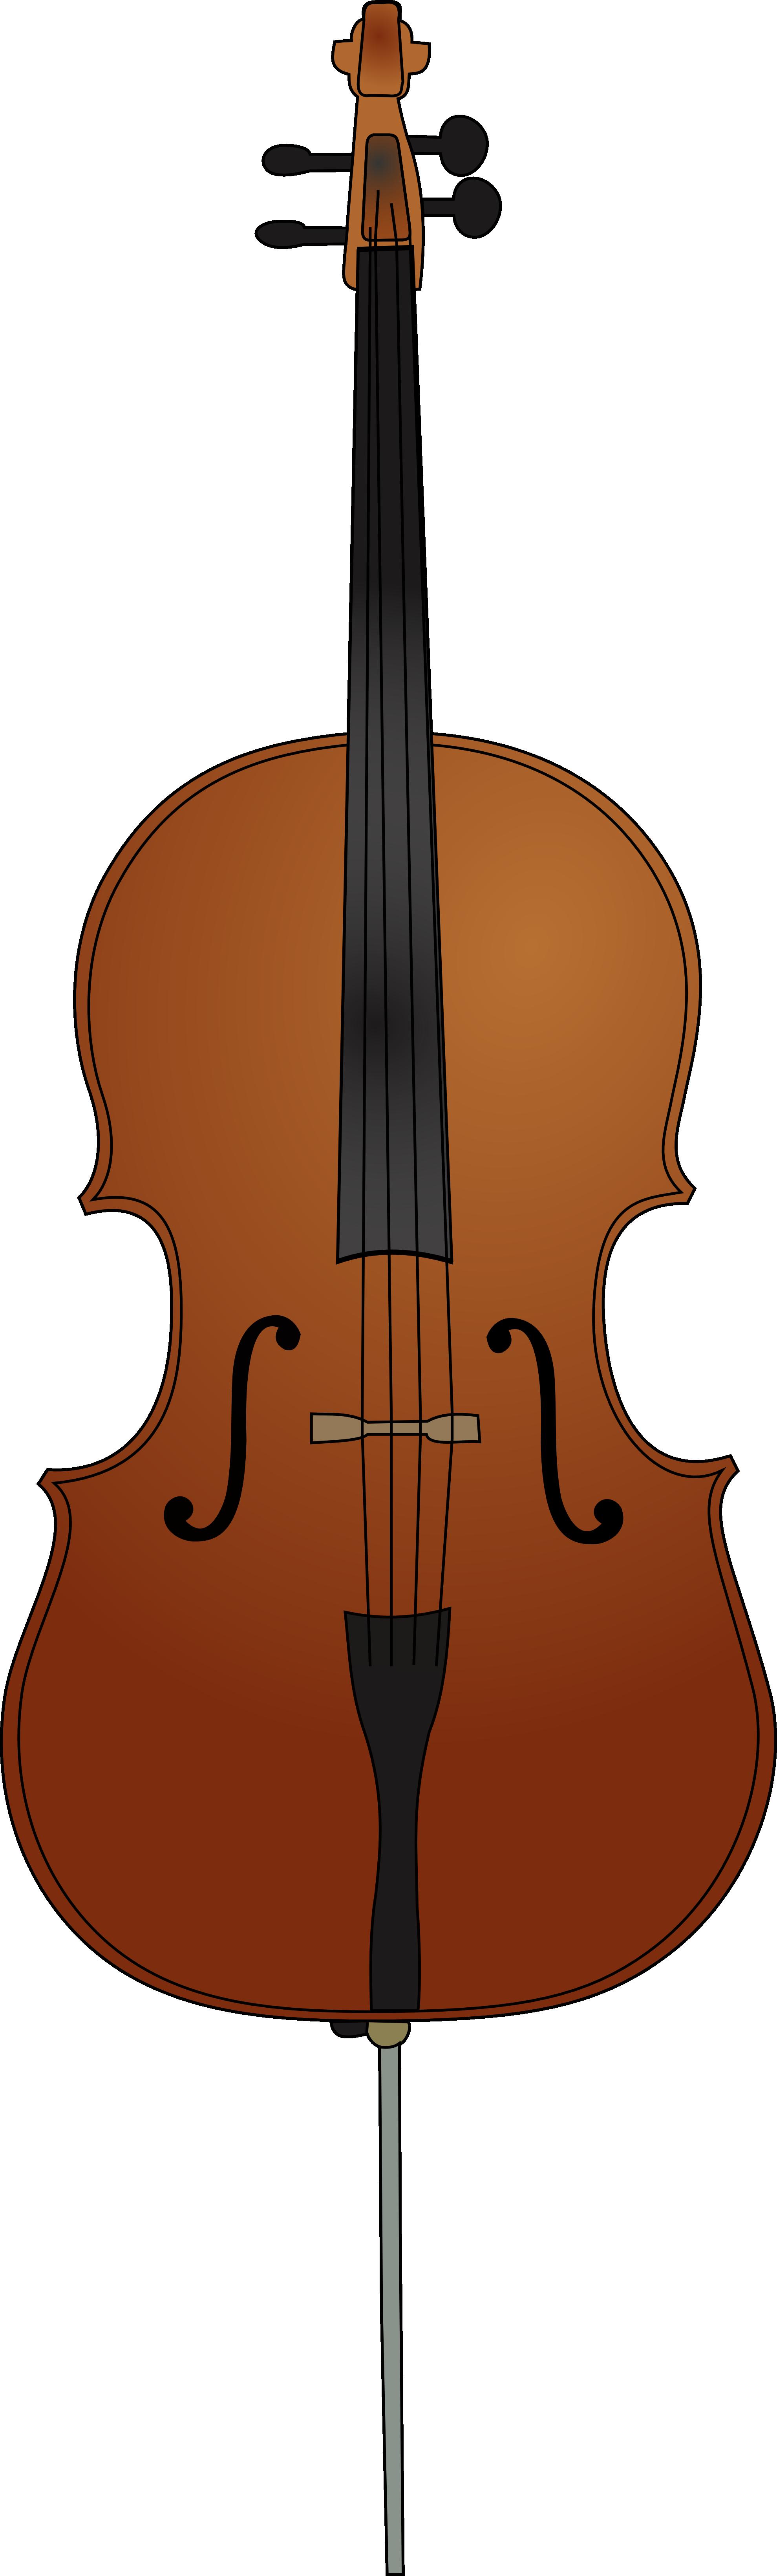 Cello clipart transparent background. Clipartist net clip art